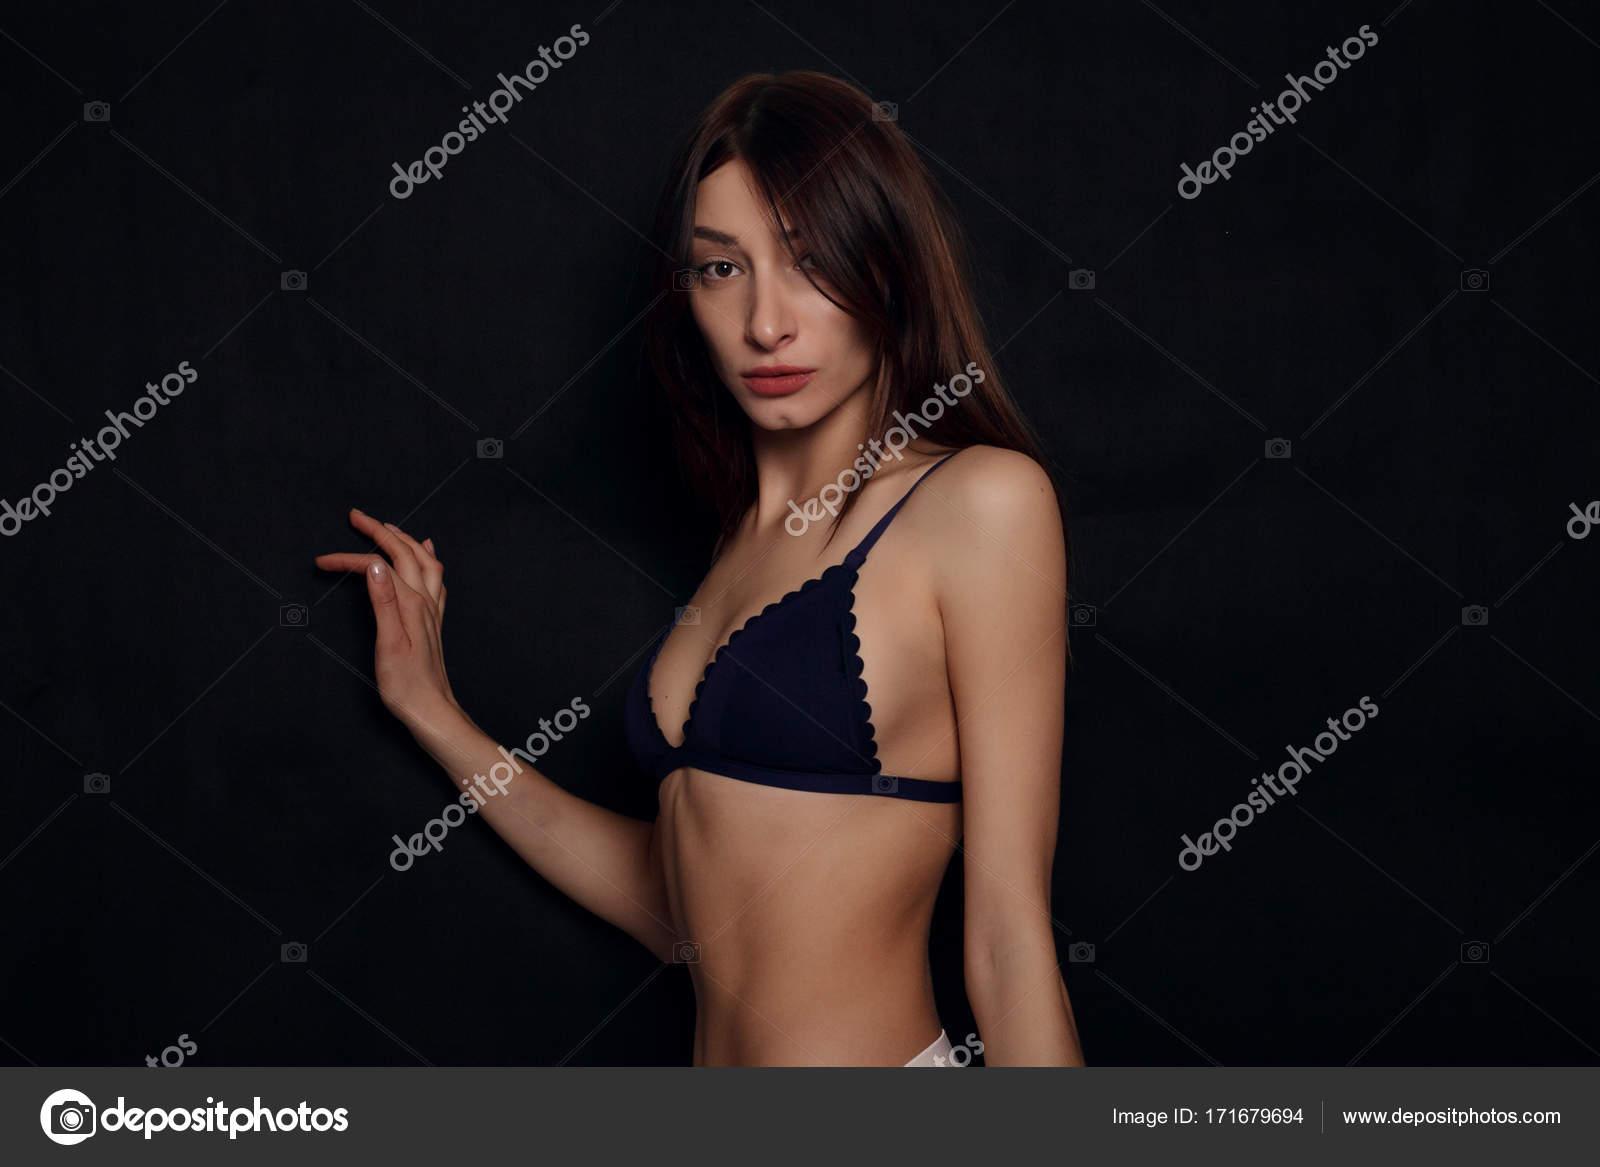 Сексуальная девочка с красивой грудью